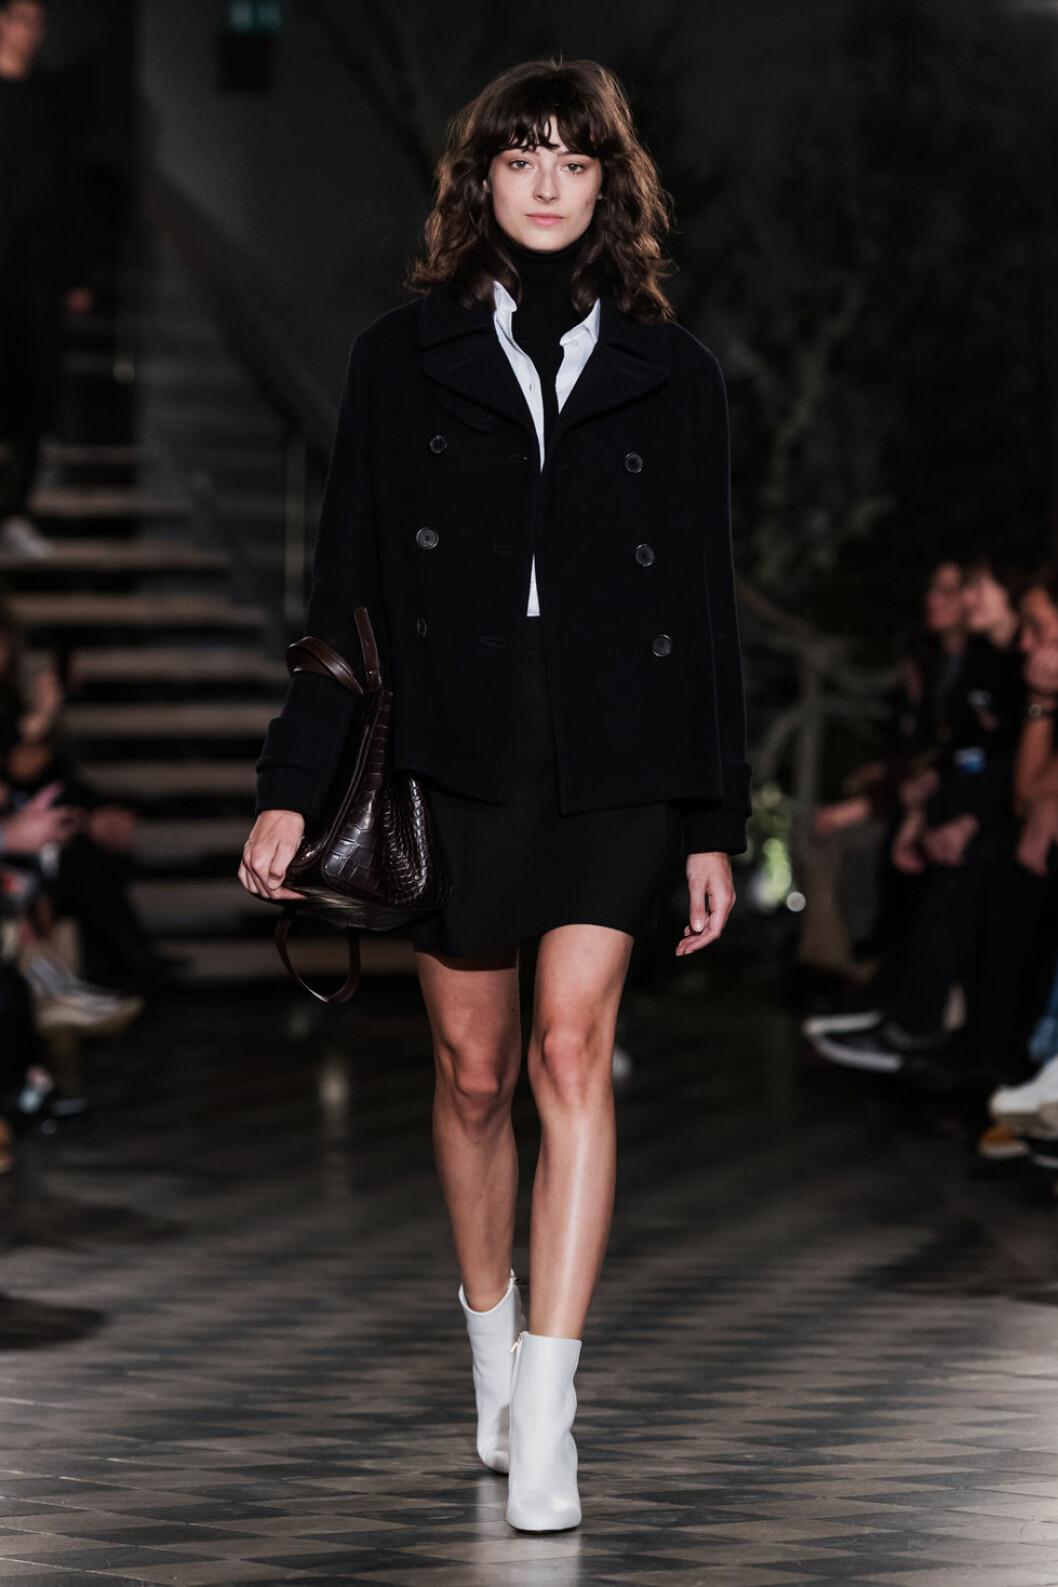 Filippa K AW 18, kvinna i svart jacka och kort kjol.